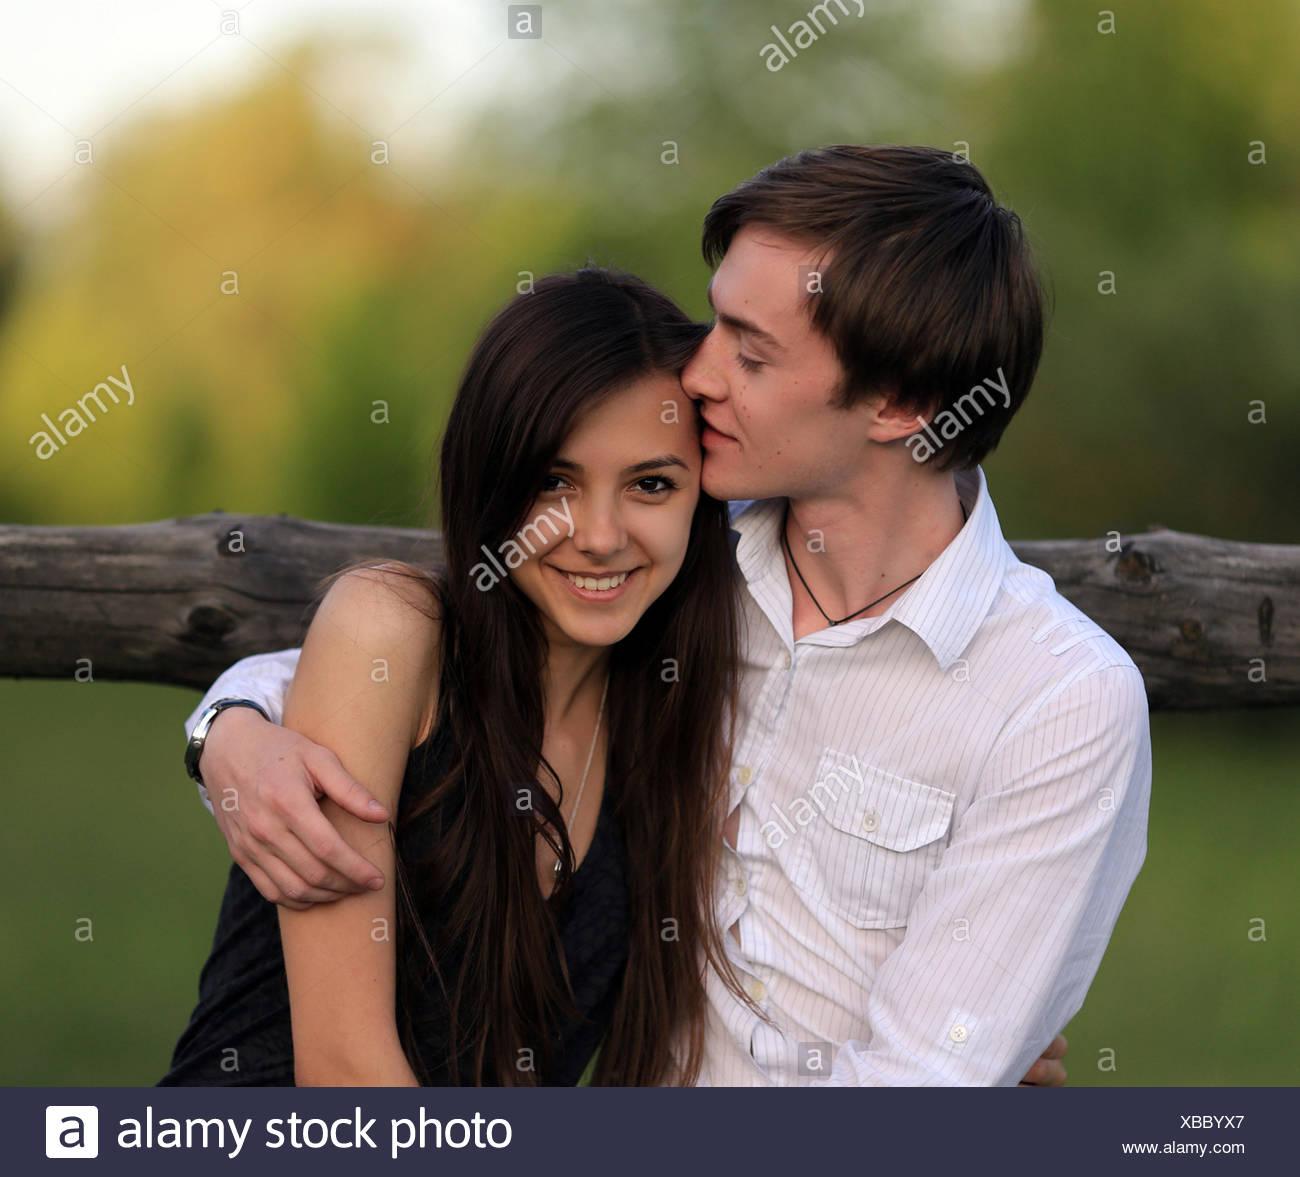 Quand embrasser une fille de votre datation